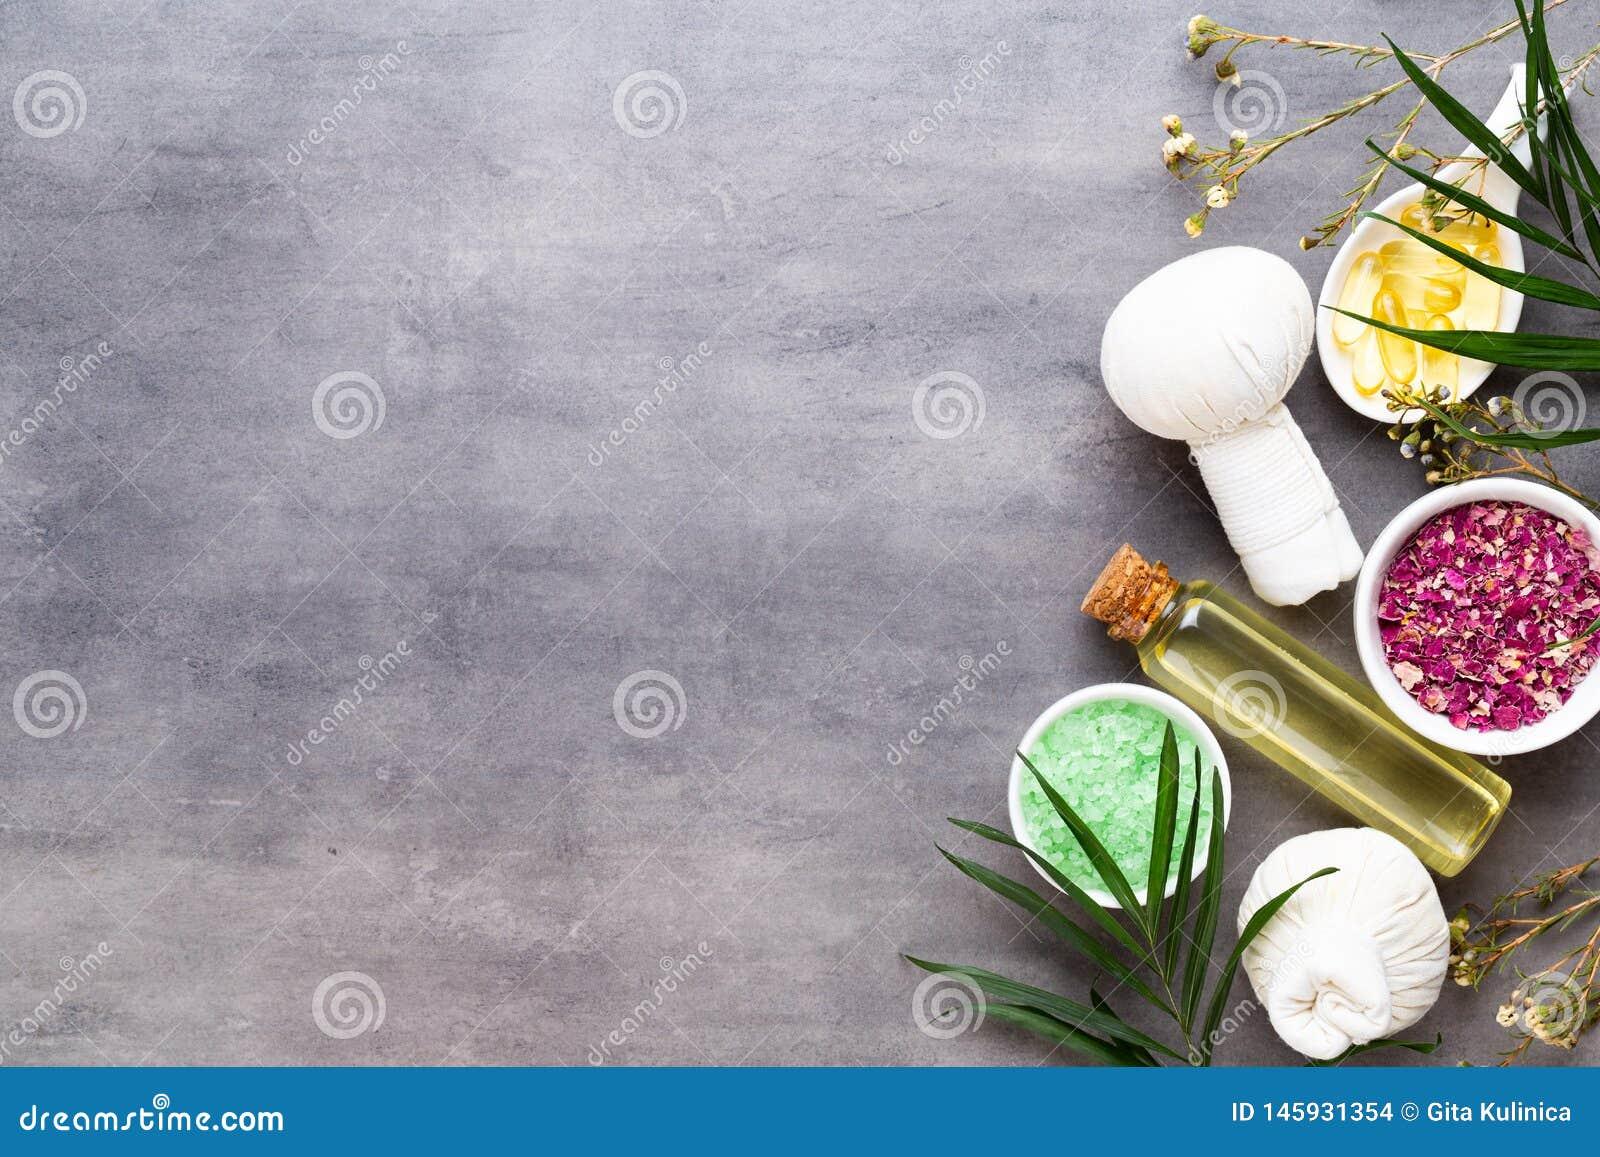 Η έννοια επεξεργασίας SPA, επίπεδη βάζει τη σύνθεση με τα φυσικά καλλυντικά προϊόντα και τρίβει τη βούρτσα, άποψη άνωθεν, κενό δι